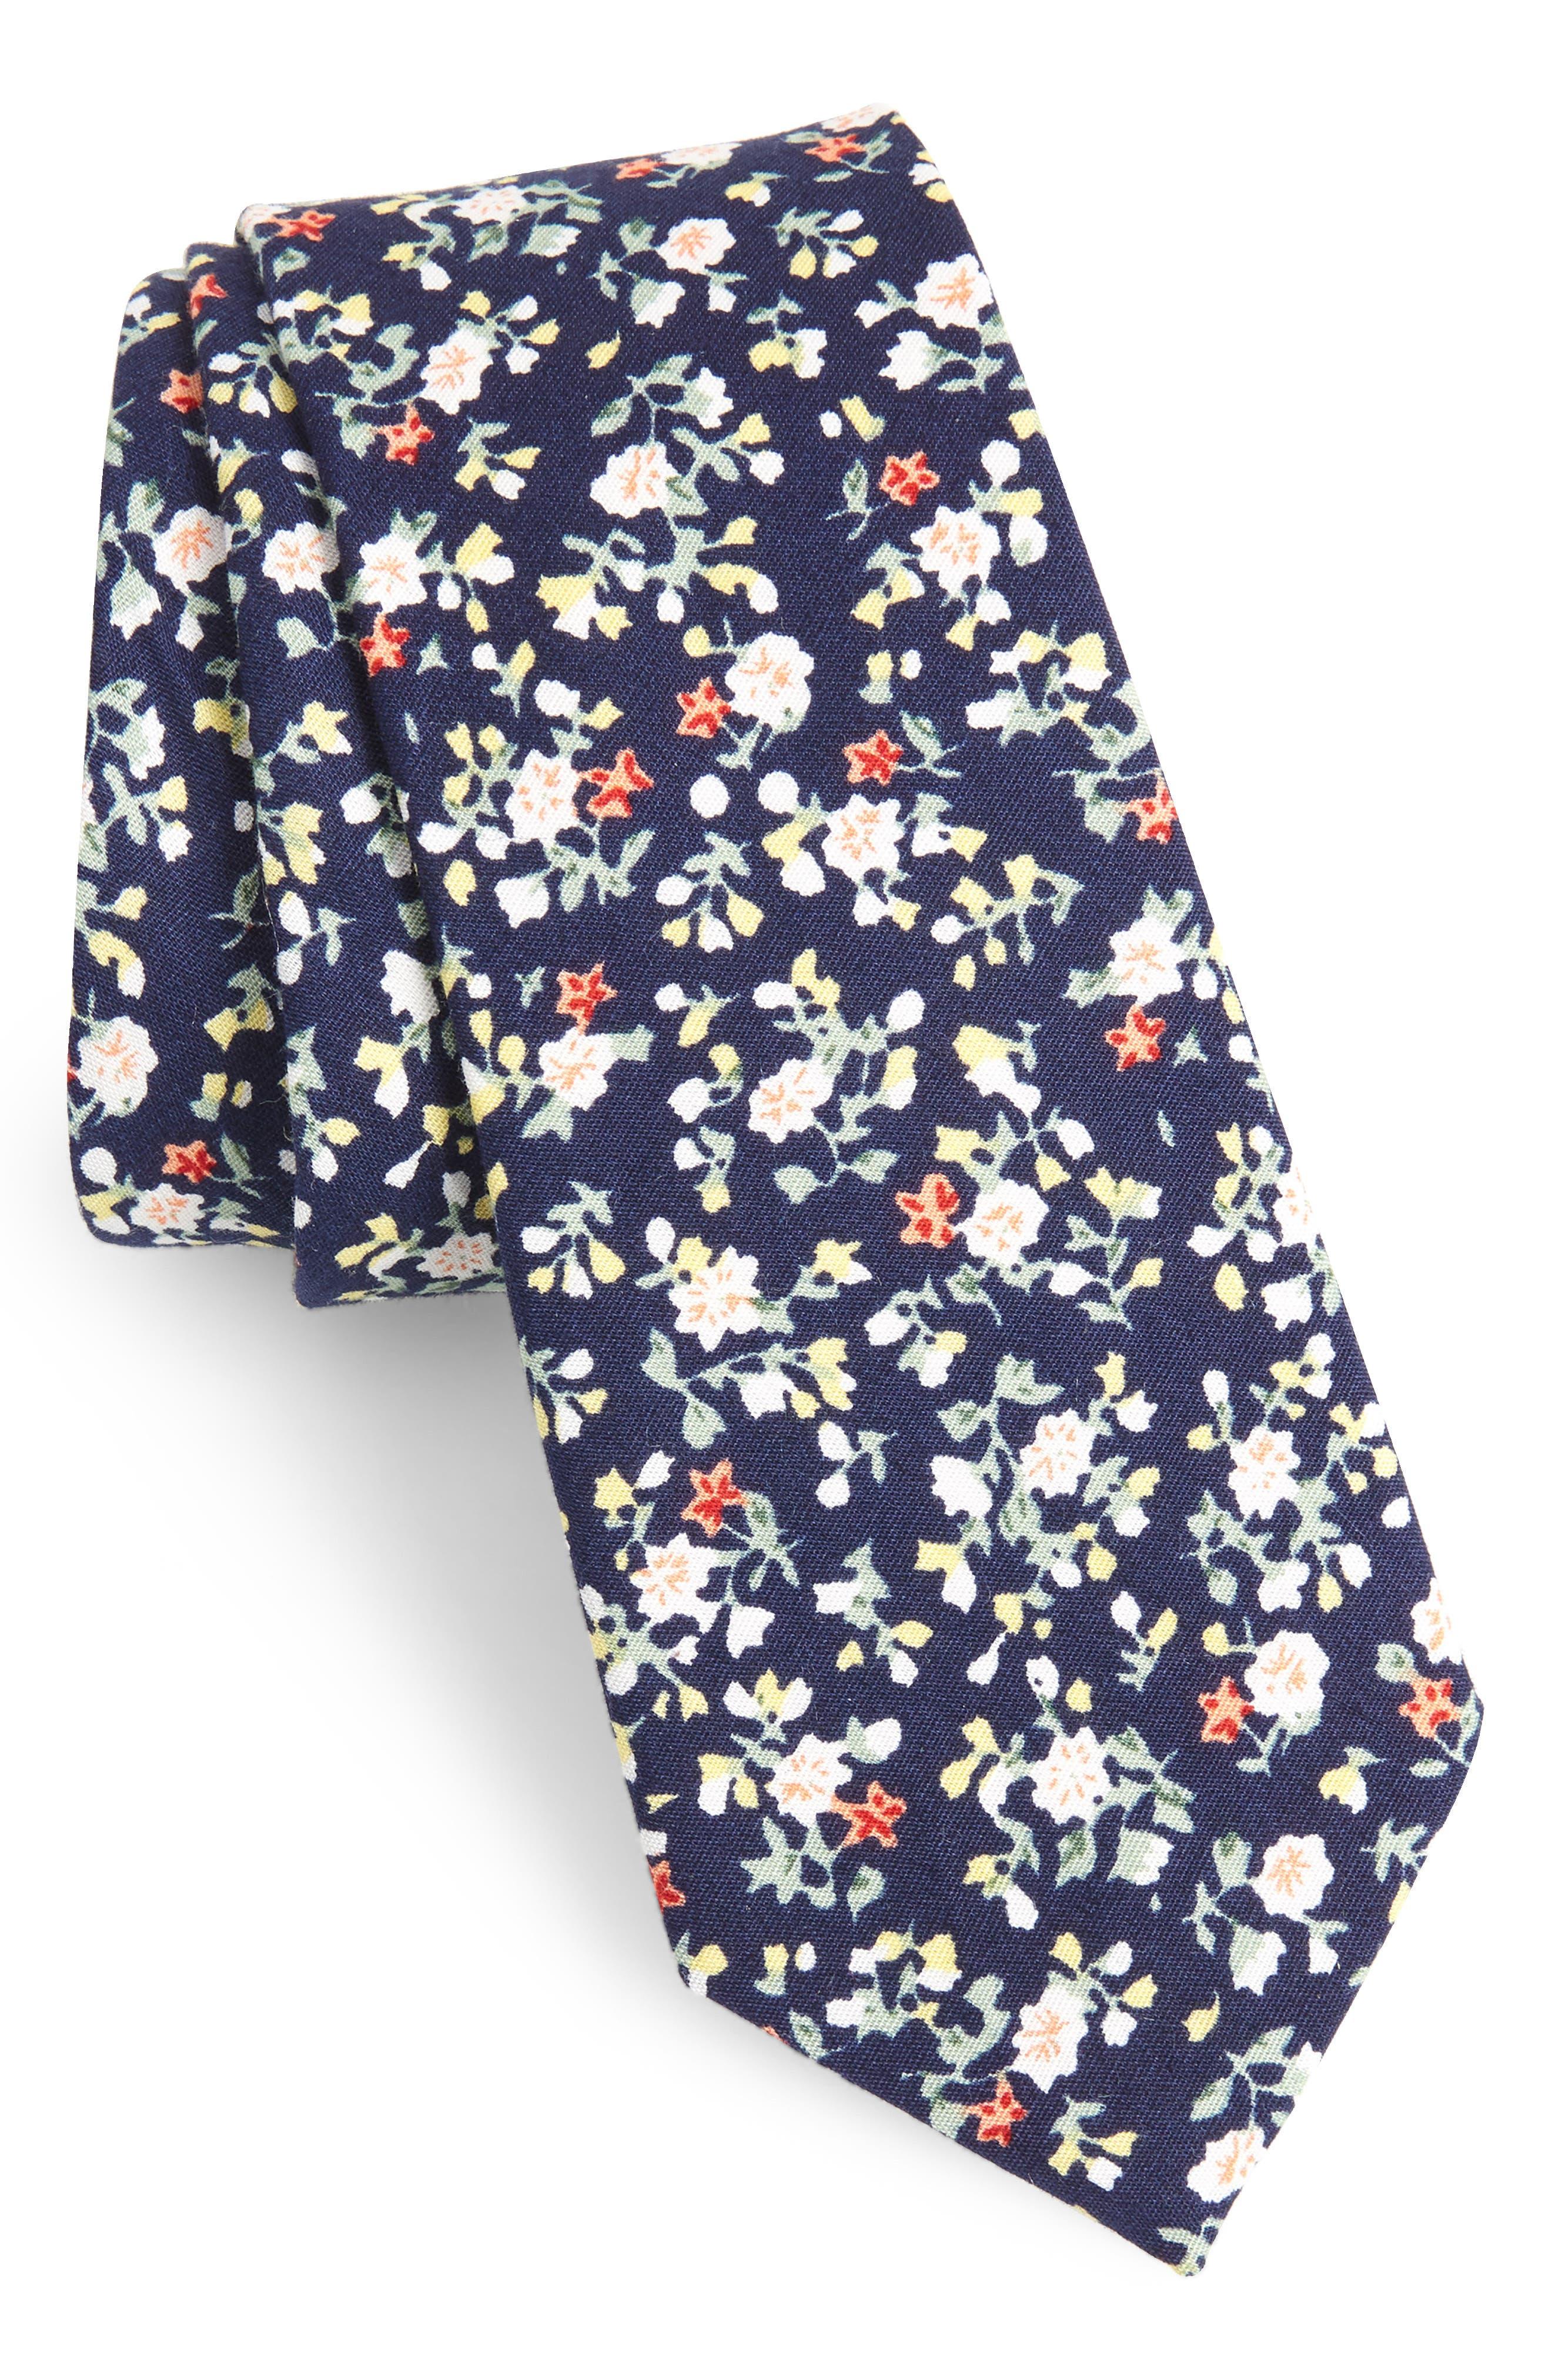 Venera Floral Cotton Tie,                             Main thumbnail 1, color,                             NAVY